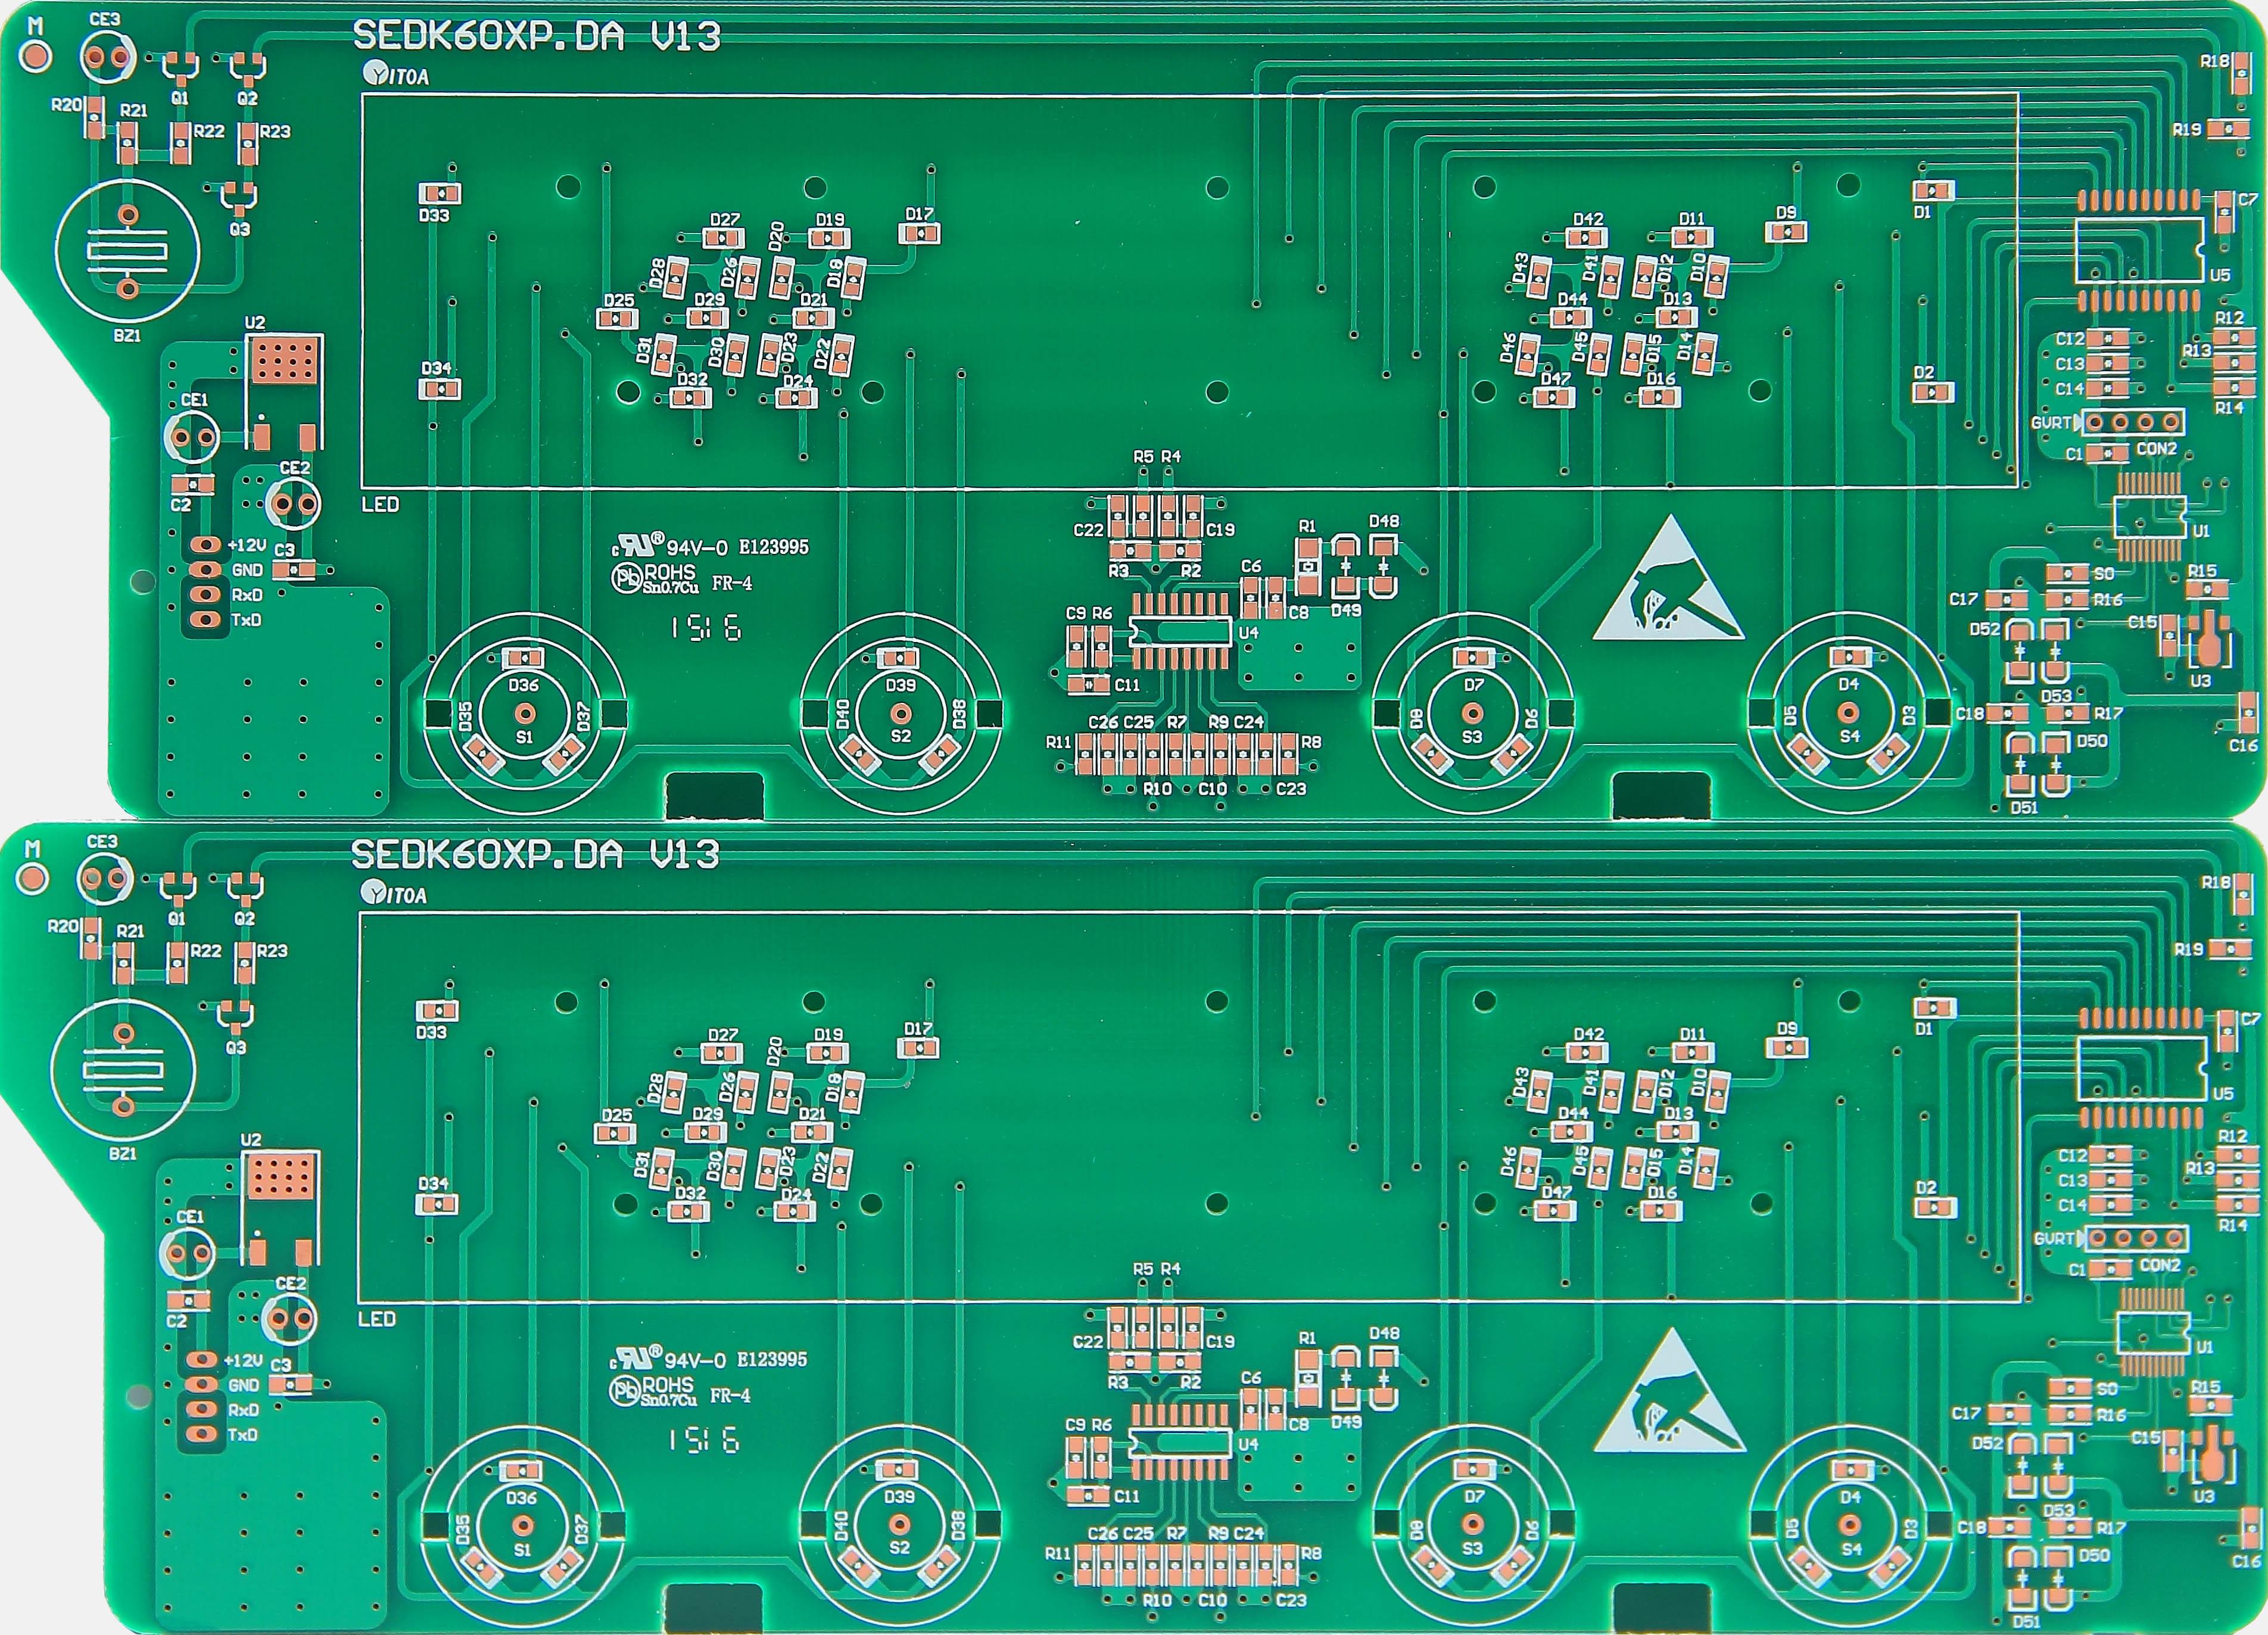 厂家供应高品质 双面沉金板 双面线路板 广东双面线路板 双面板 深圳双面板 双面板生产